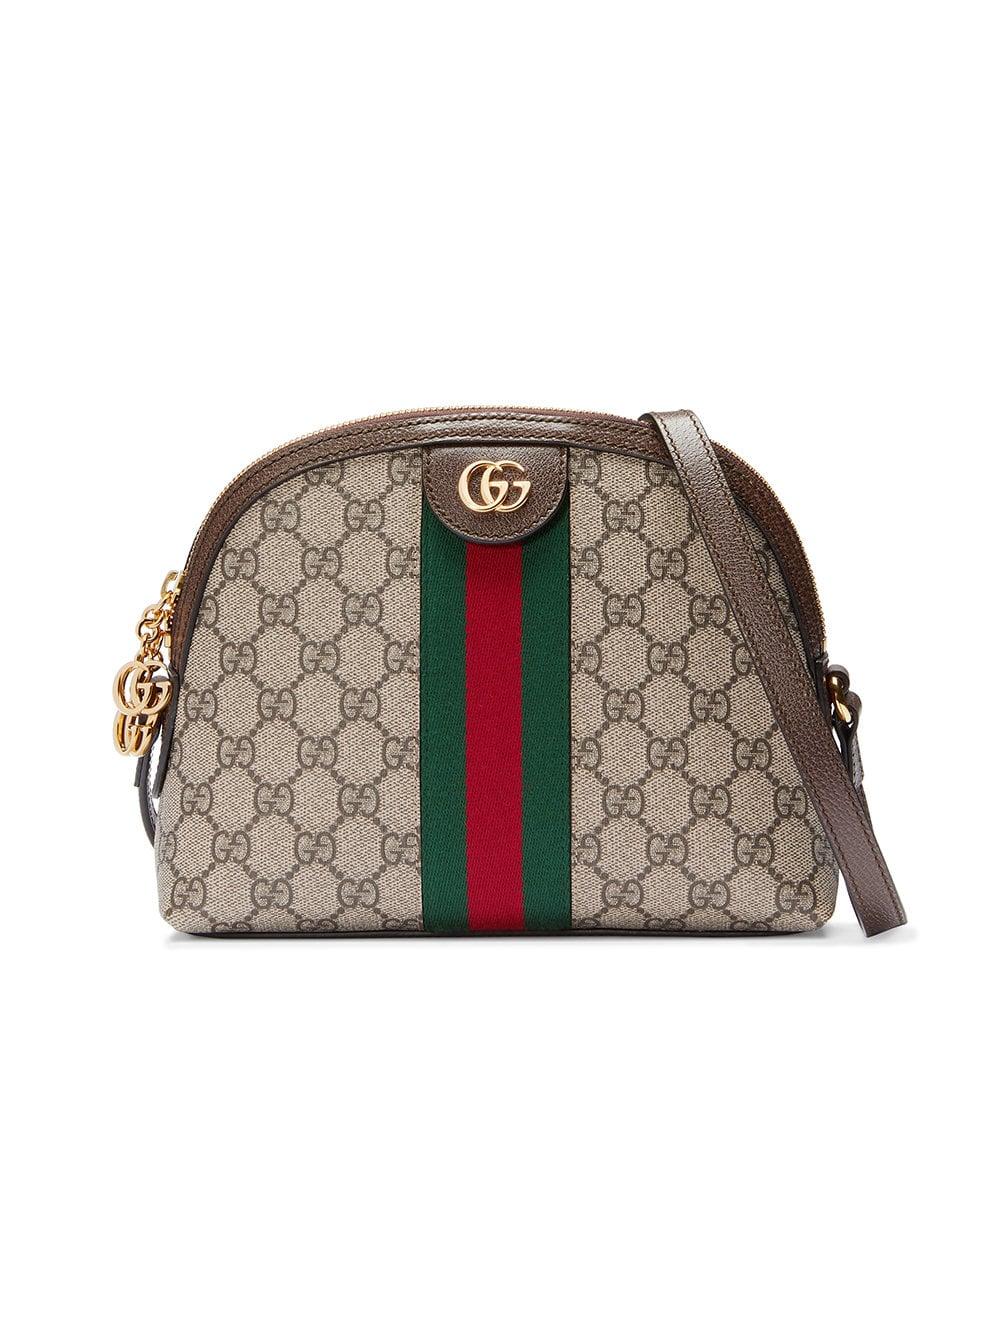 13423b71fb Dove comprare abiti, accessori e borse firmate online? - A Glamorous ...